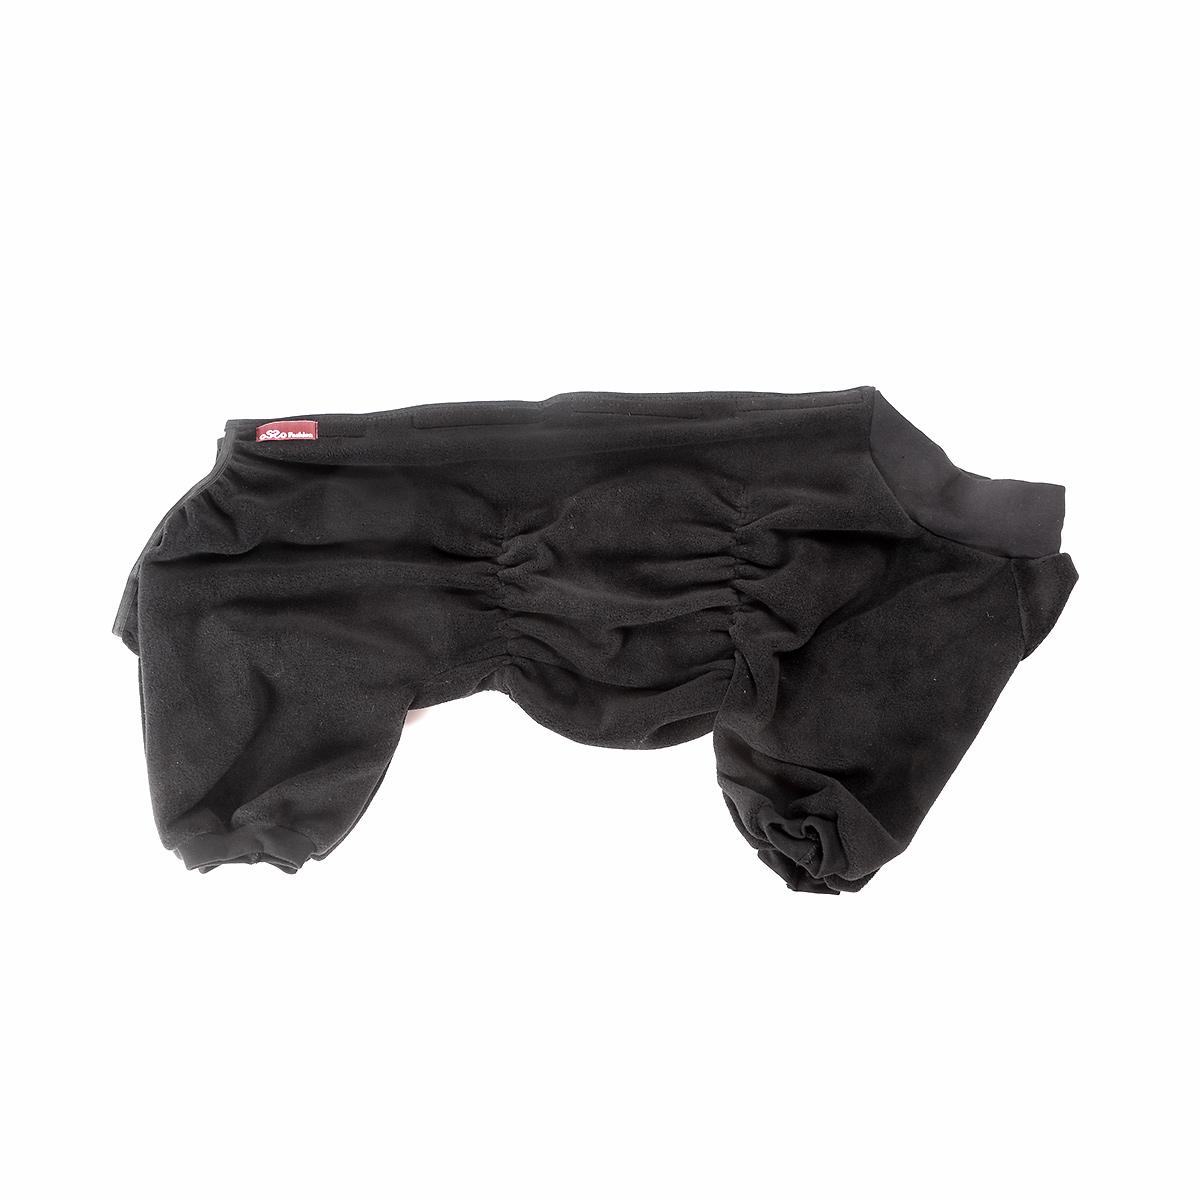 Комбинезон для собак OSSO Fashion, для мальчика, цвет: графит. Размер 55 цена